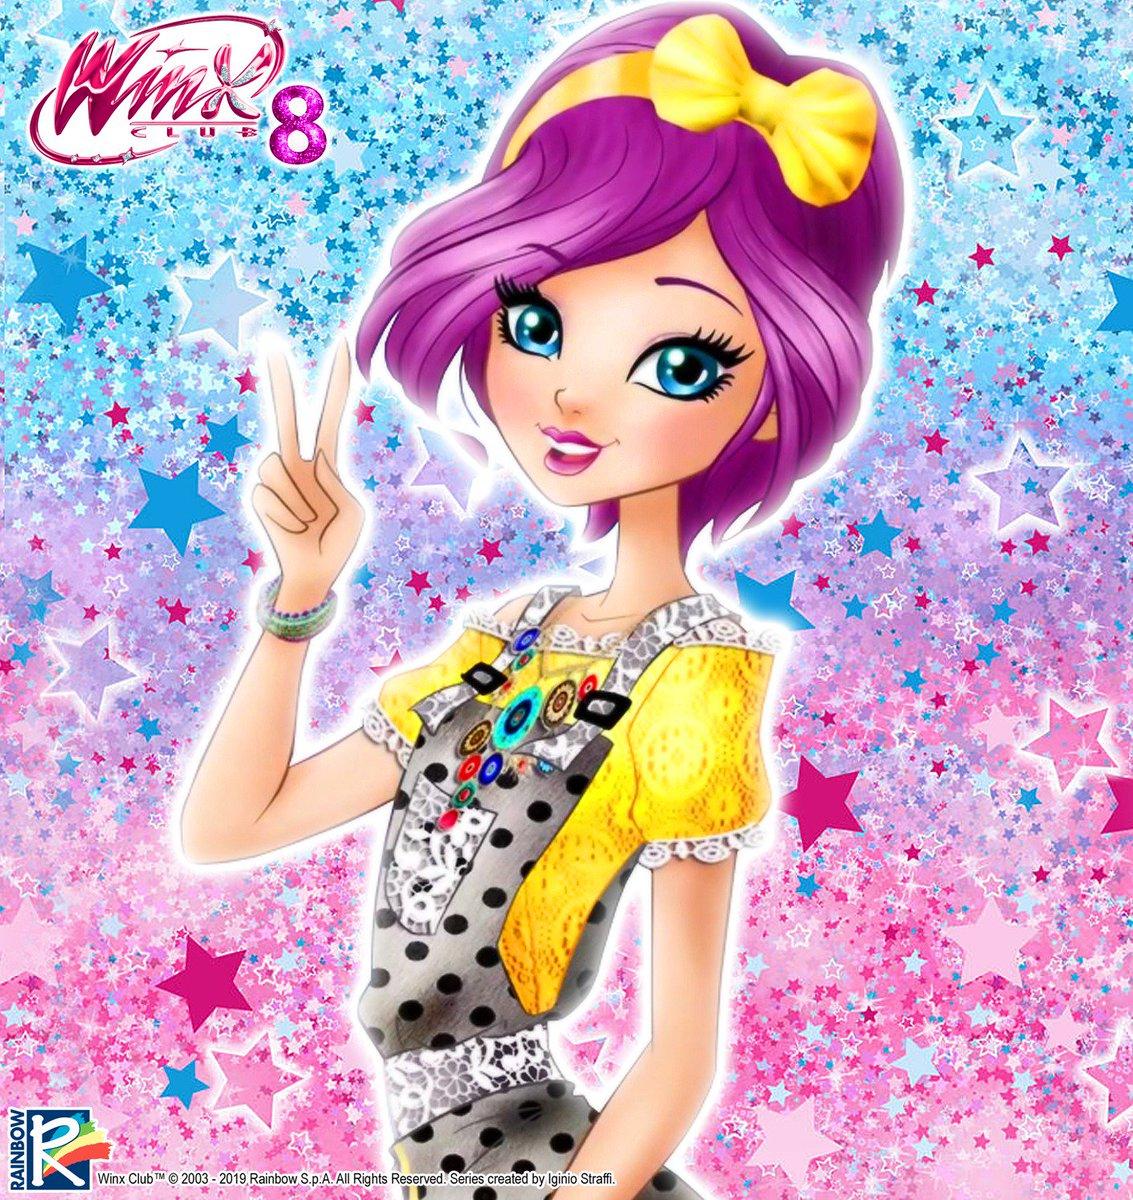 #Winx #WinxClub #Winx8 #Tecna